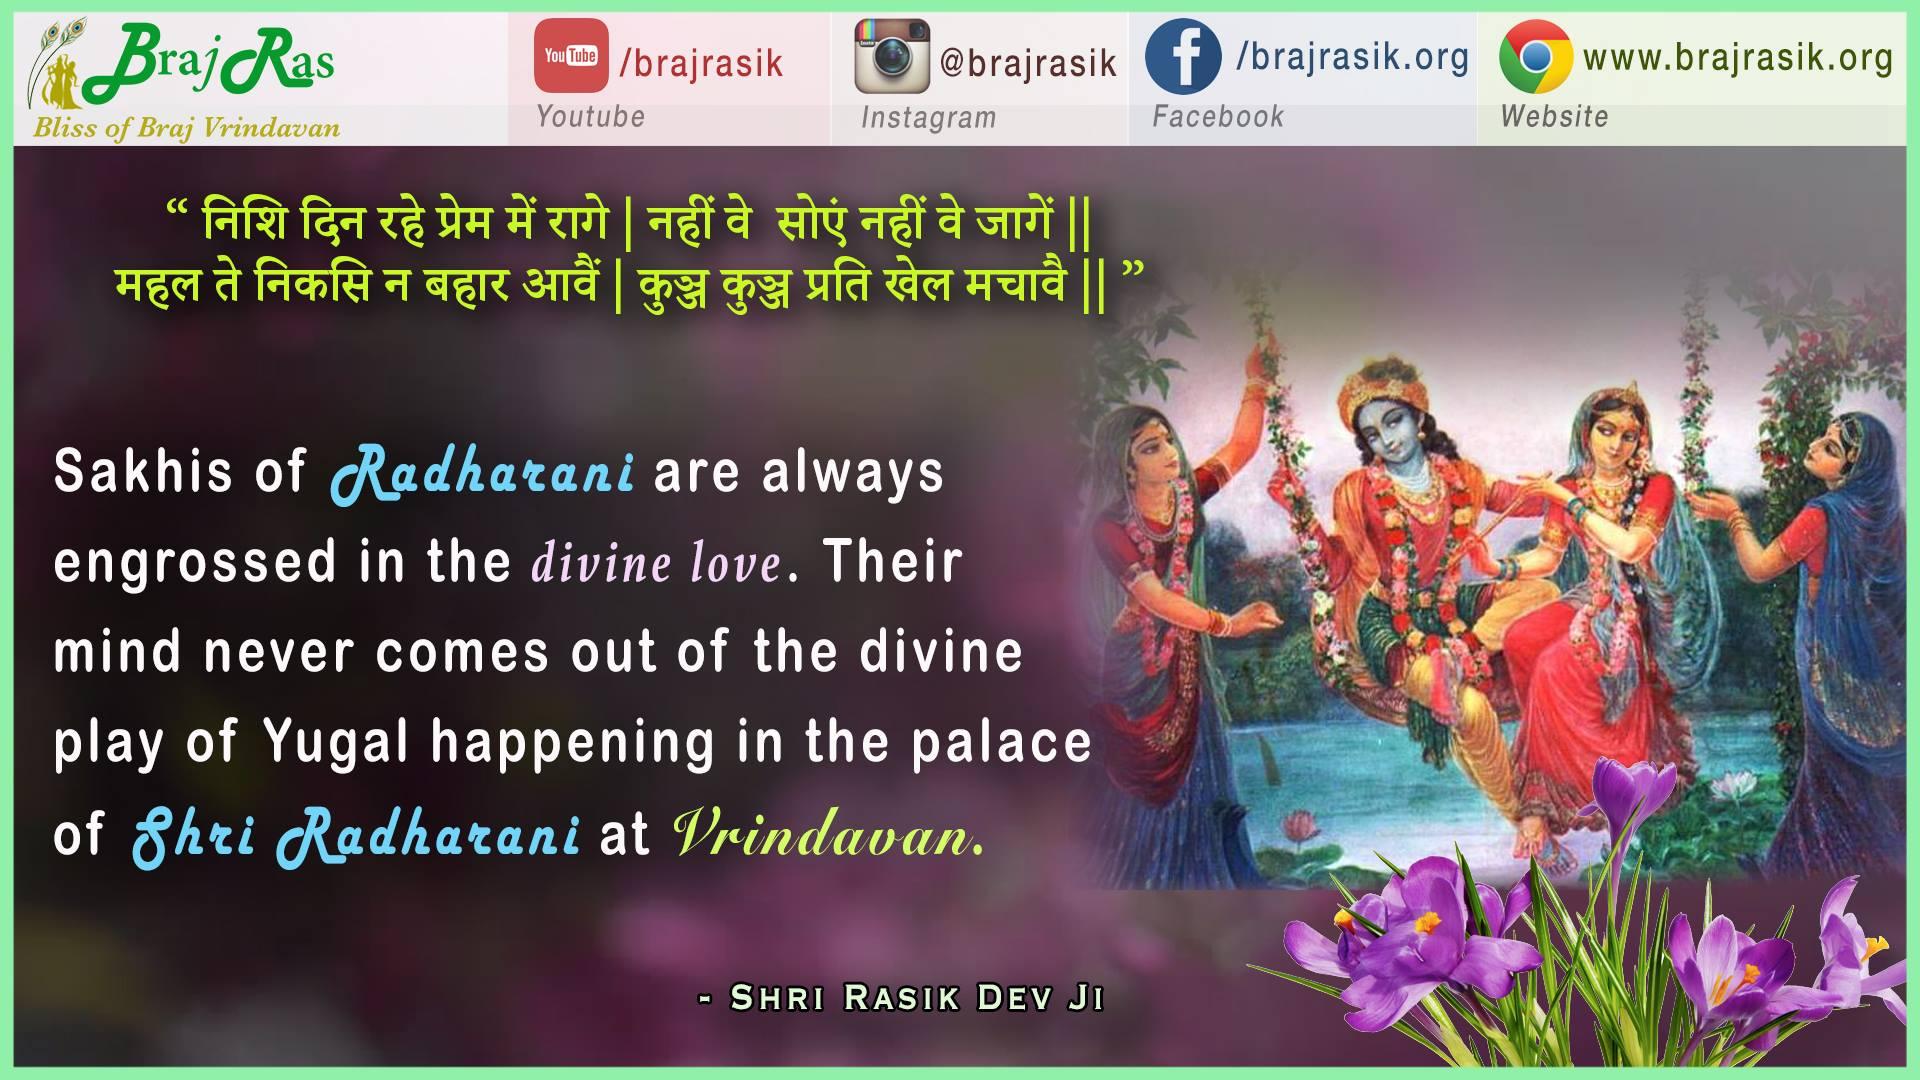 Nishi Din Rahe Prem Mein Raage  - Shri Rasik Dev Ji